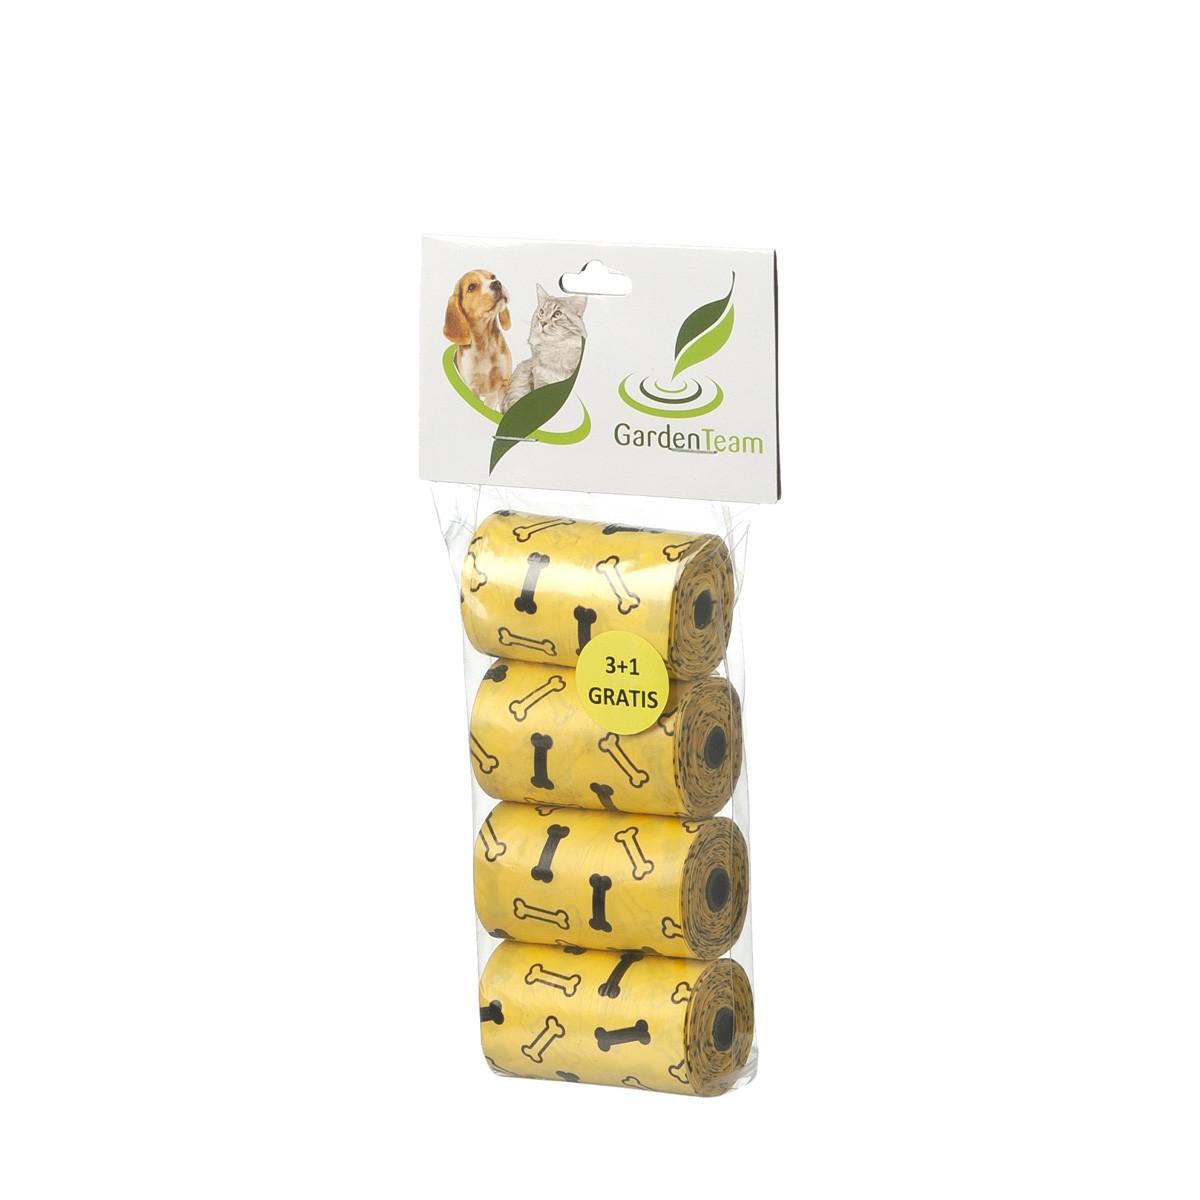 Sacchettini Igienici Ecologici Assortito Arancio/giallo 4 Rotoli